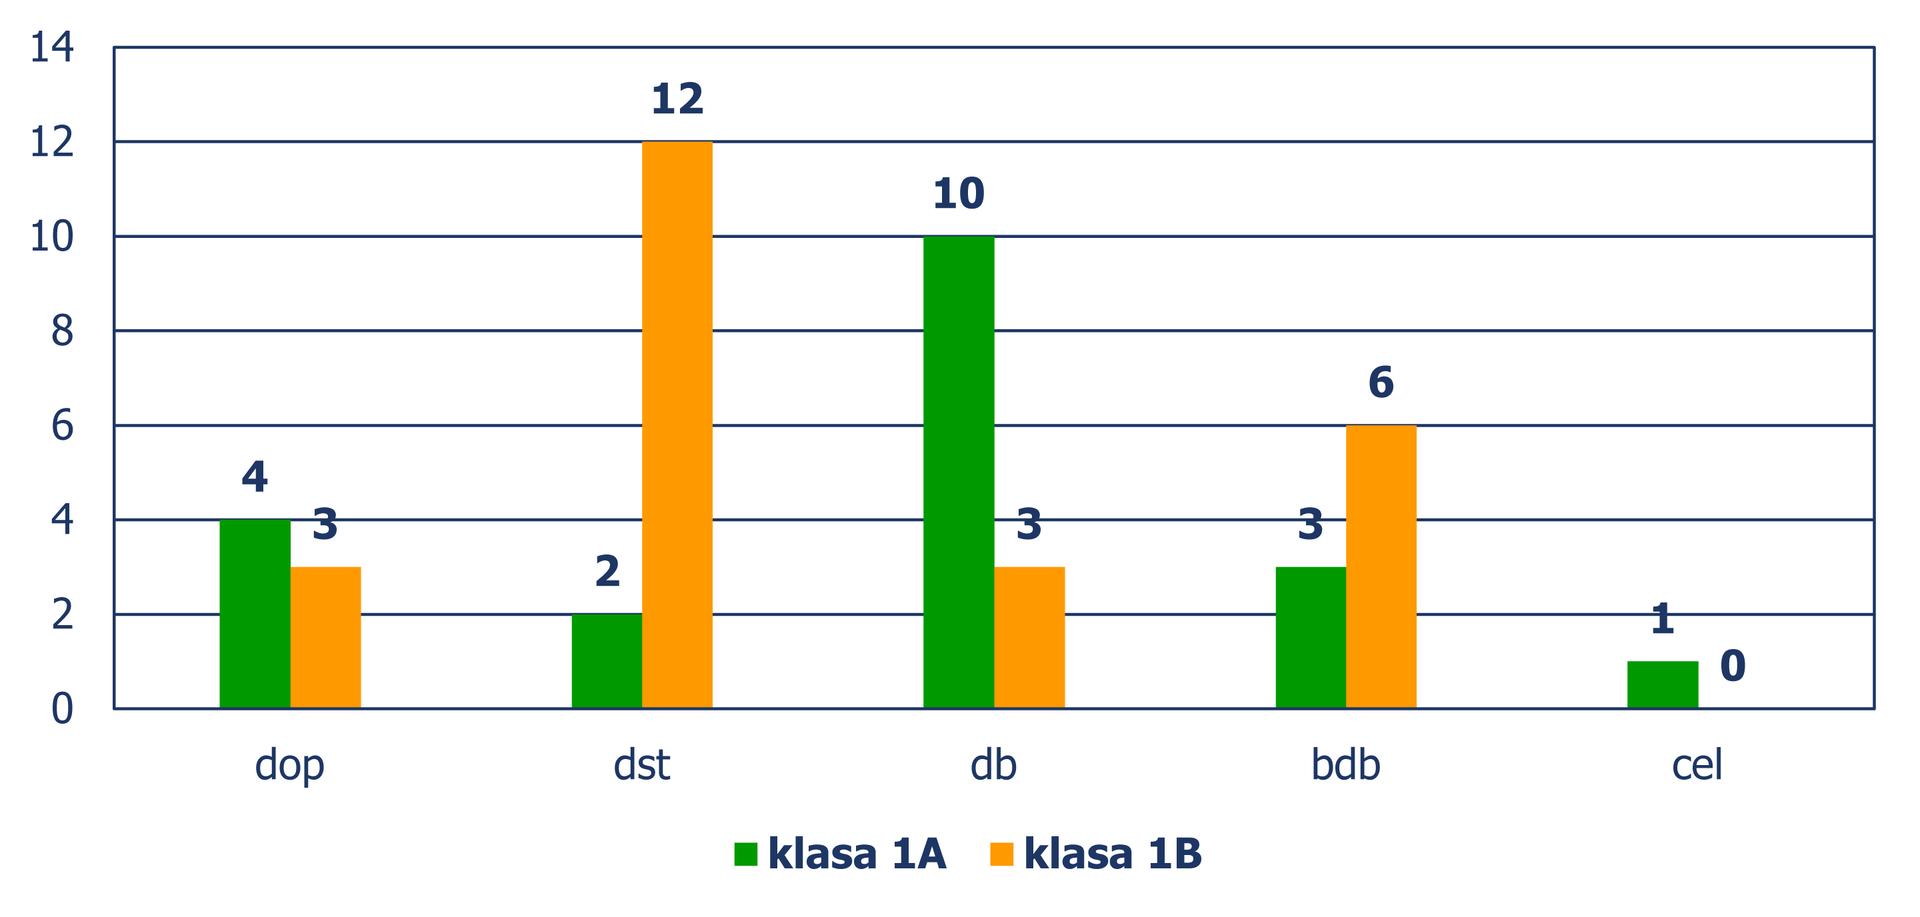 Diagram słupkowy pionowy, zktórego odczytujemy liczbę uczniów wzależności od otrzymanych ocen, wpodziale na klasy. Ocena dopuszczająca: Klasa 1 A– 4 uczniów, klasa 1B – 3 uczniów. Ocena dostateczna : Klasa 1 A– 2 uczniów, klasa 1B – 12 uczniów. Ocena dobra: Klasa 1 A– 10 uczniów, klasa 1B – 3 uczniów. Ocena bardzo dobra: Klasa 1 A– 3 uczniów, klasa 1B – 6 uczniów. Ocena celująca: Klasa 1 A– 1 uczeń, klasa 1B – 0 uczniów.